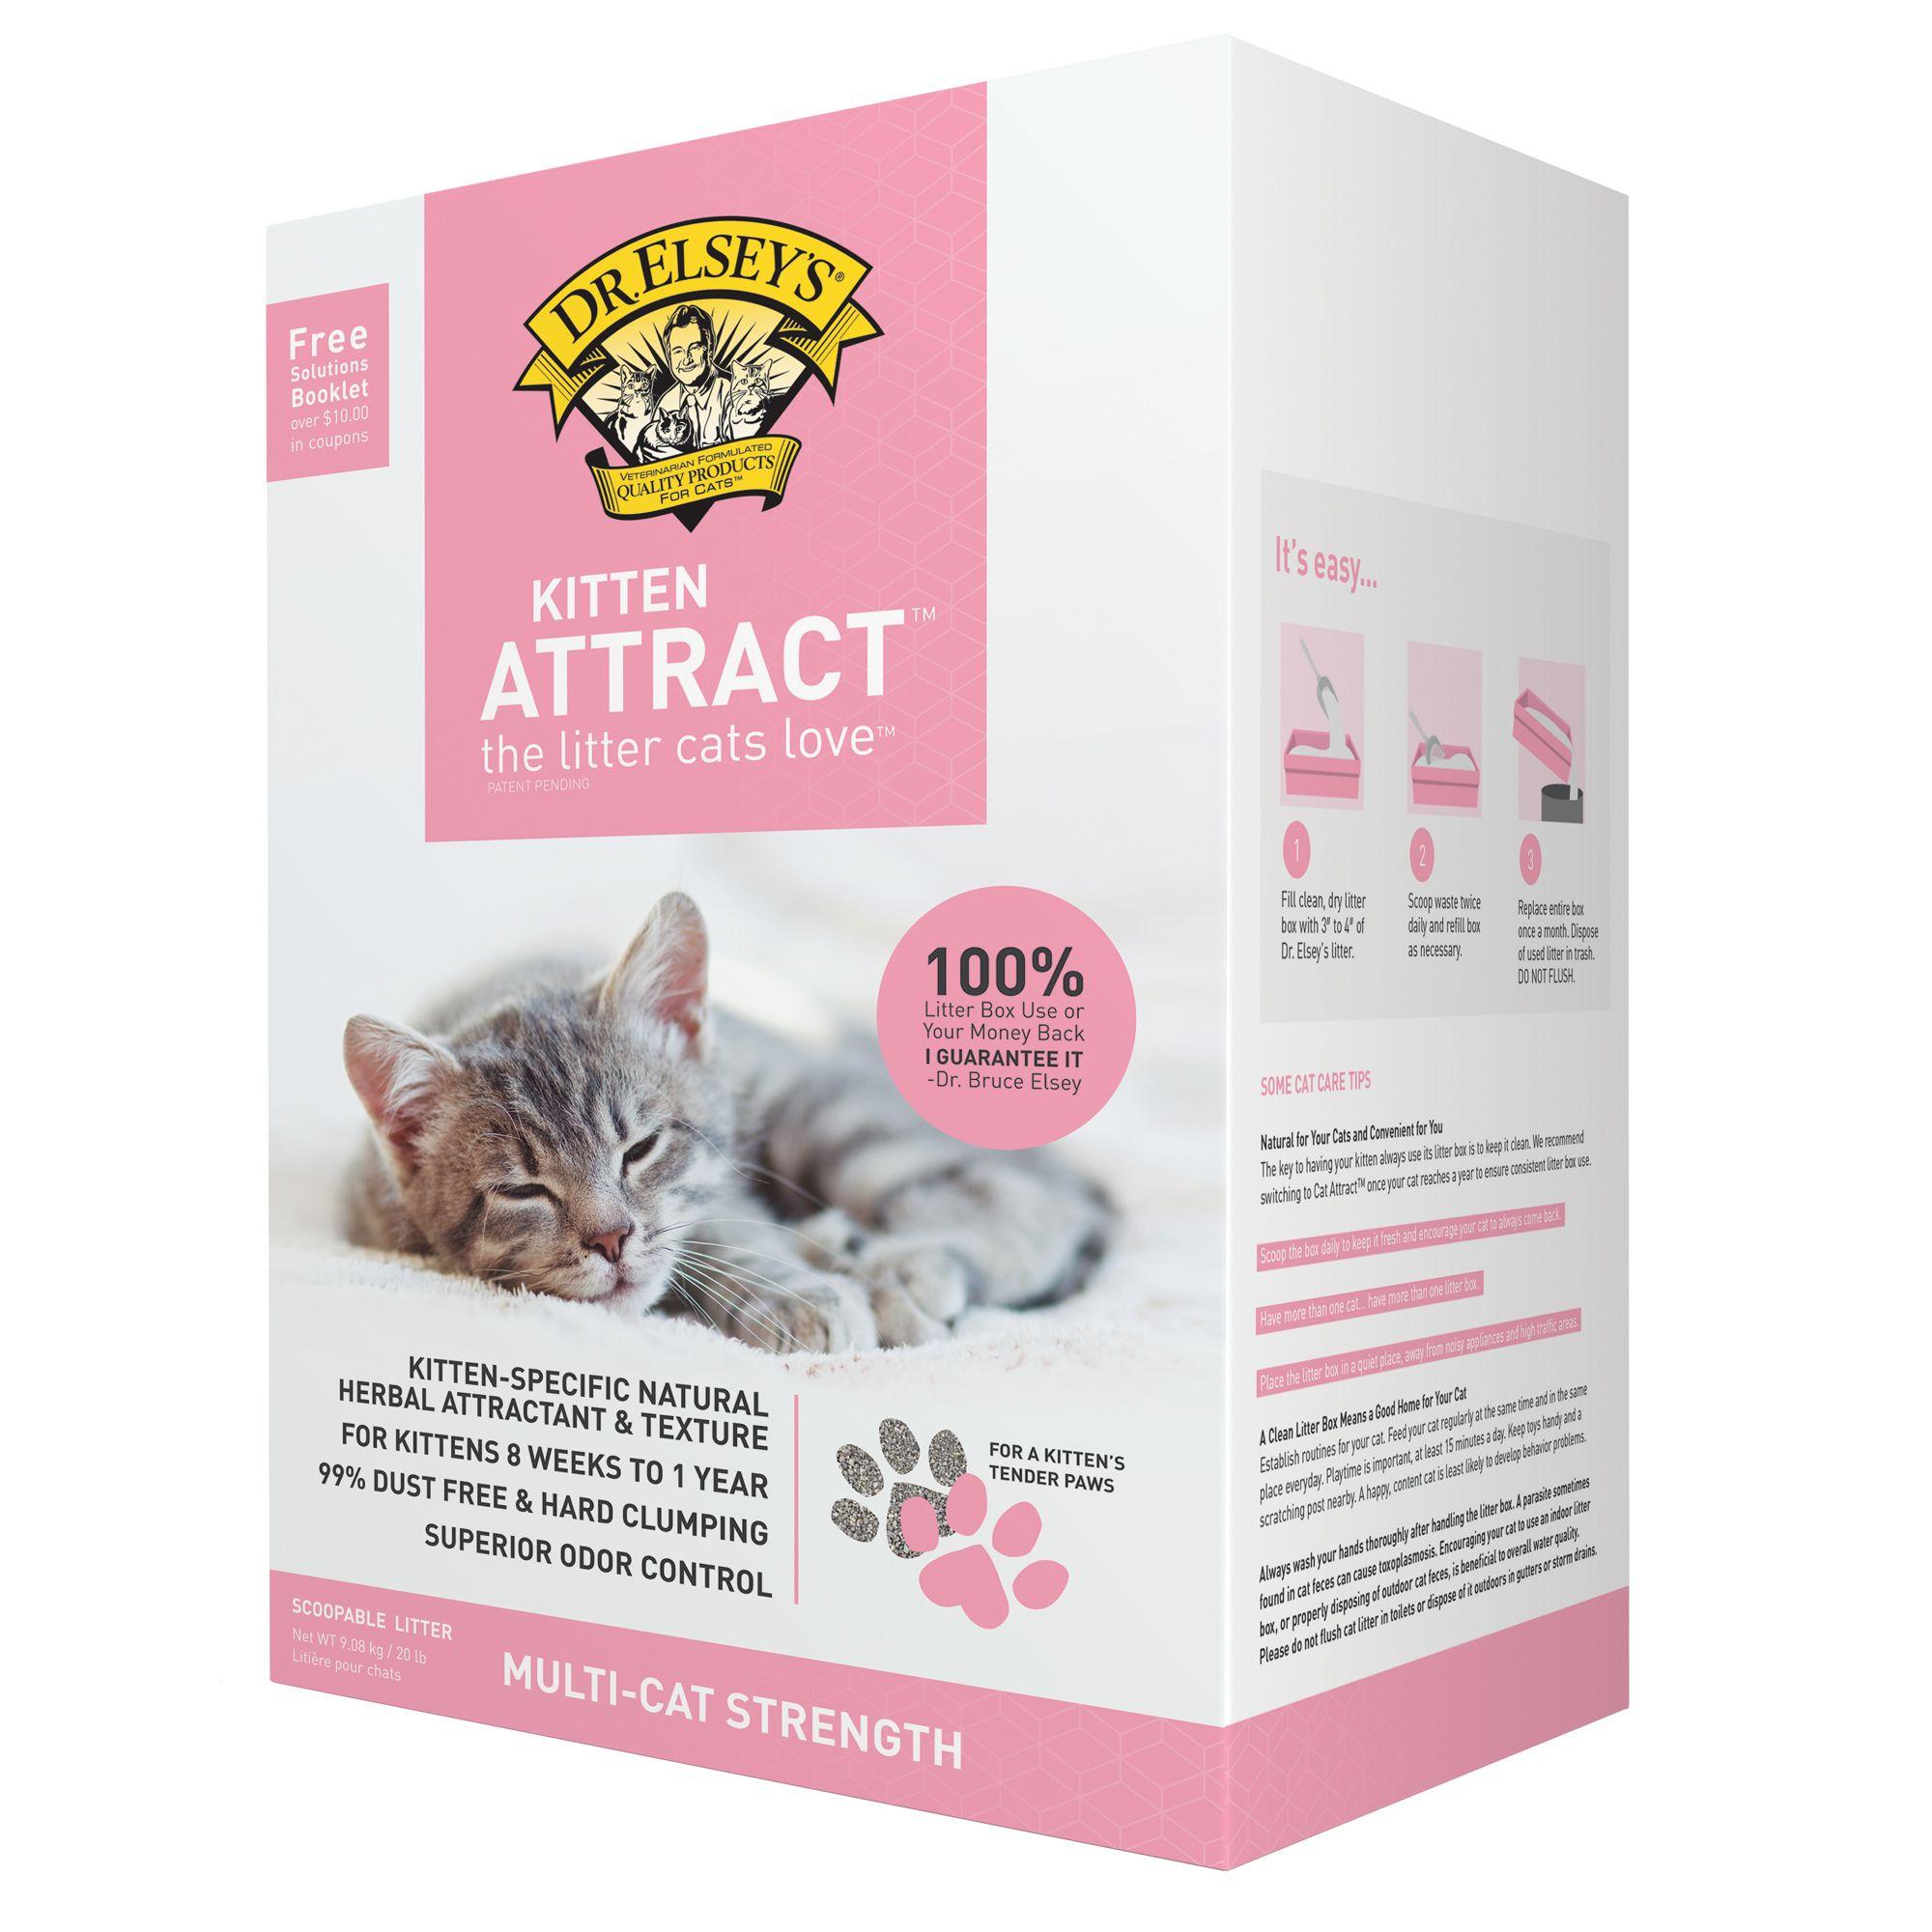 Precious Cat Kitten Attract Litter Size 20 Lb